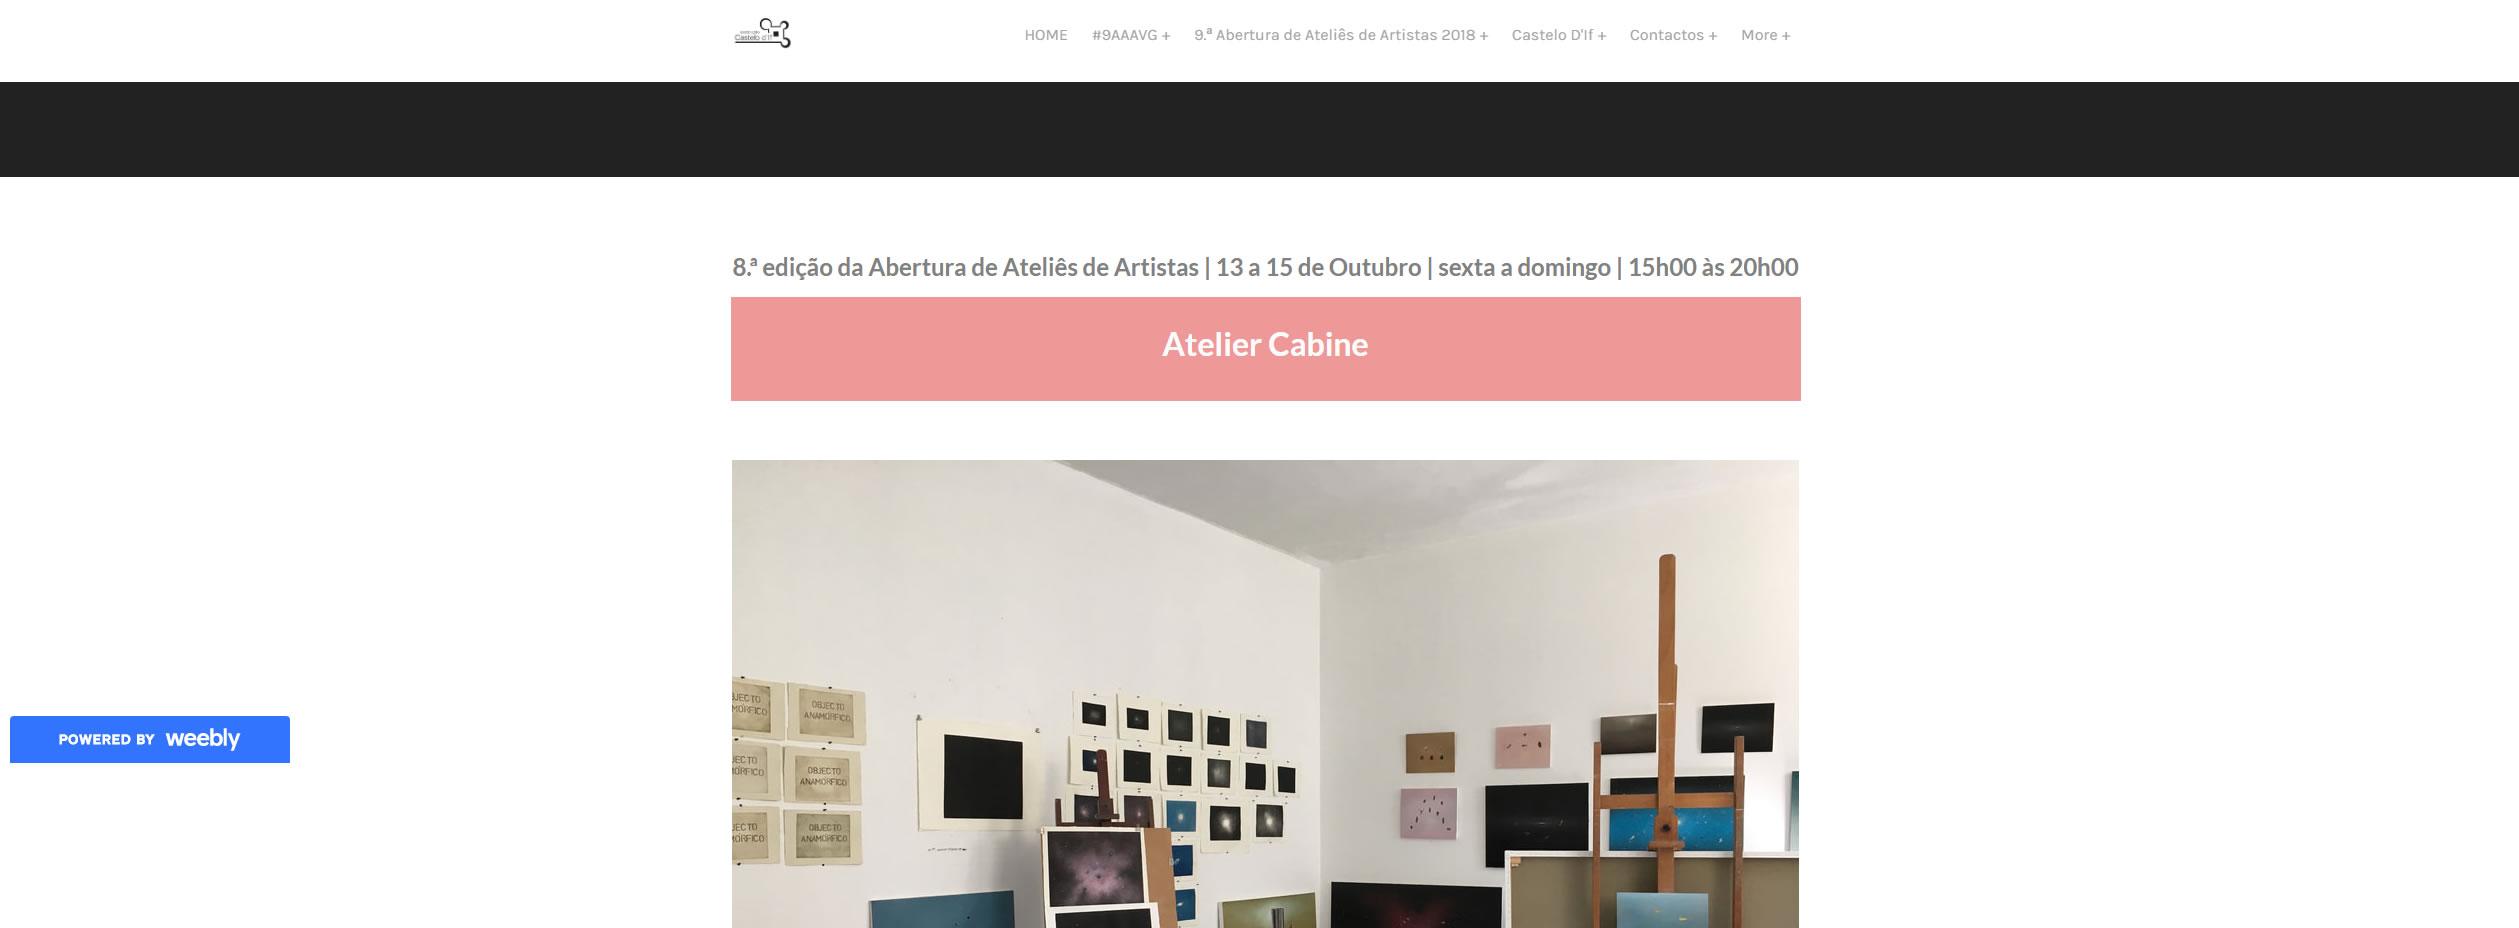 atelier_cabine_galeria_de_gravura